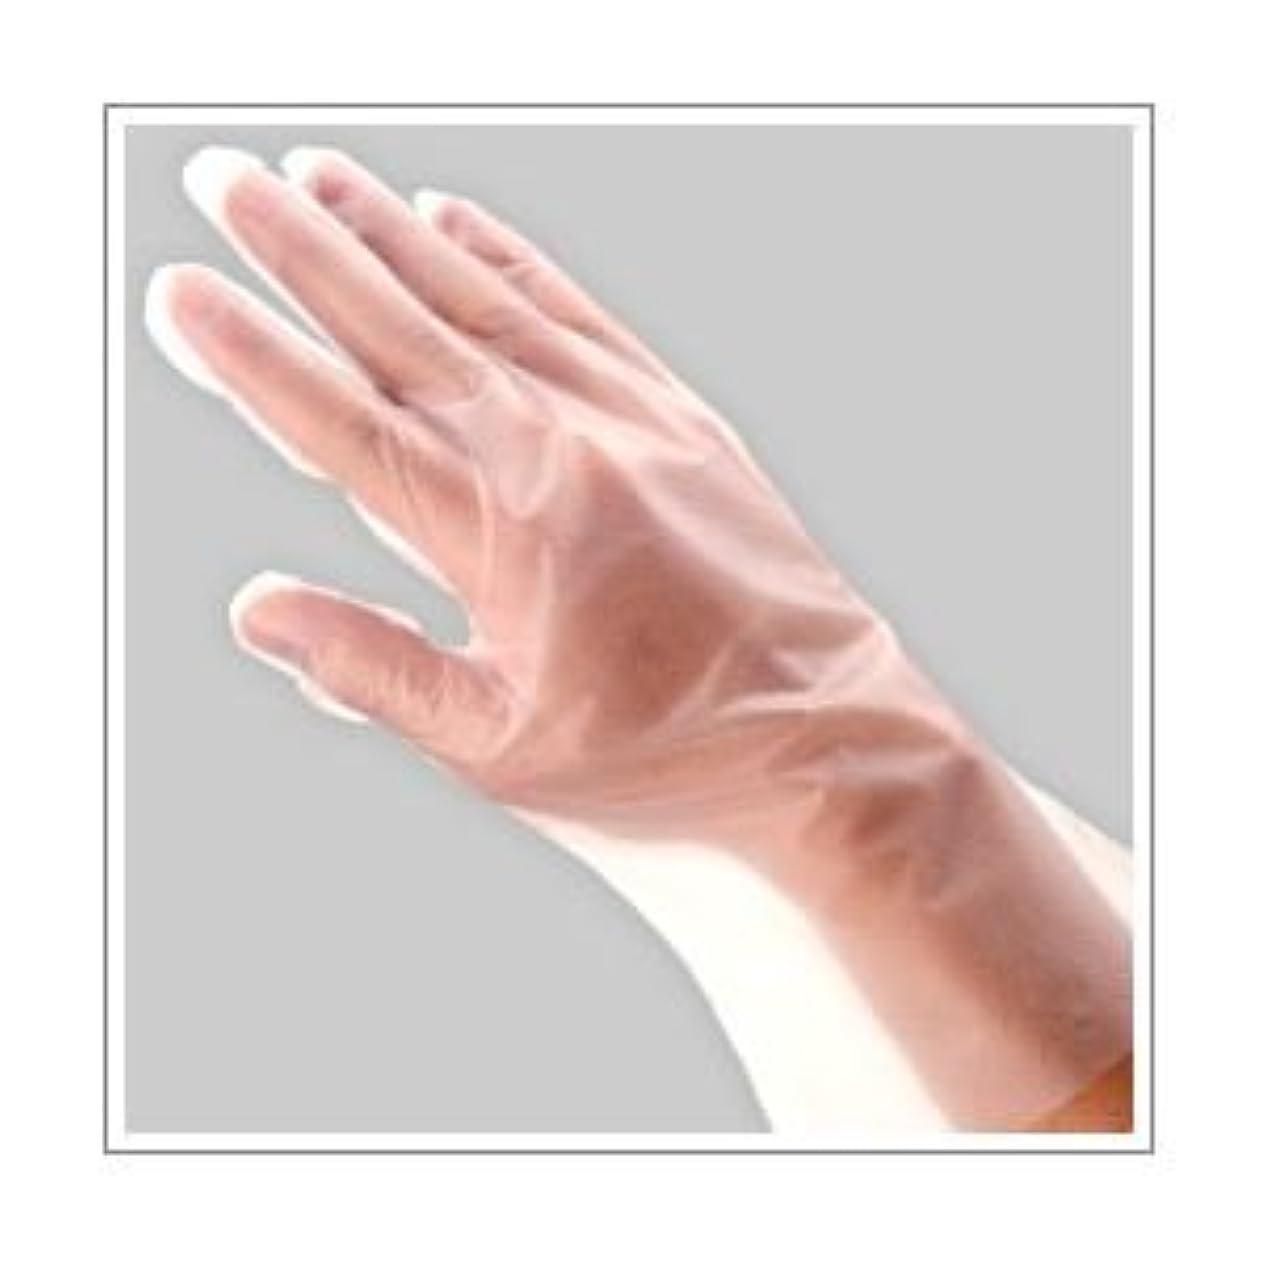 ジョージエリオット存在する一見福助工業 ポリ手袋 指フィット 100枚パック L ×10セット